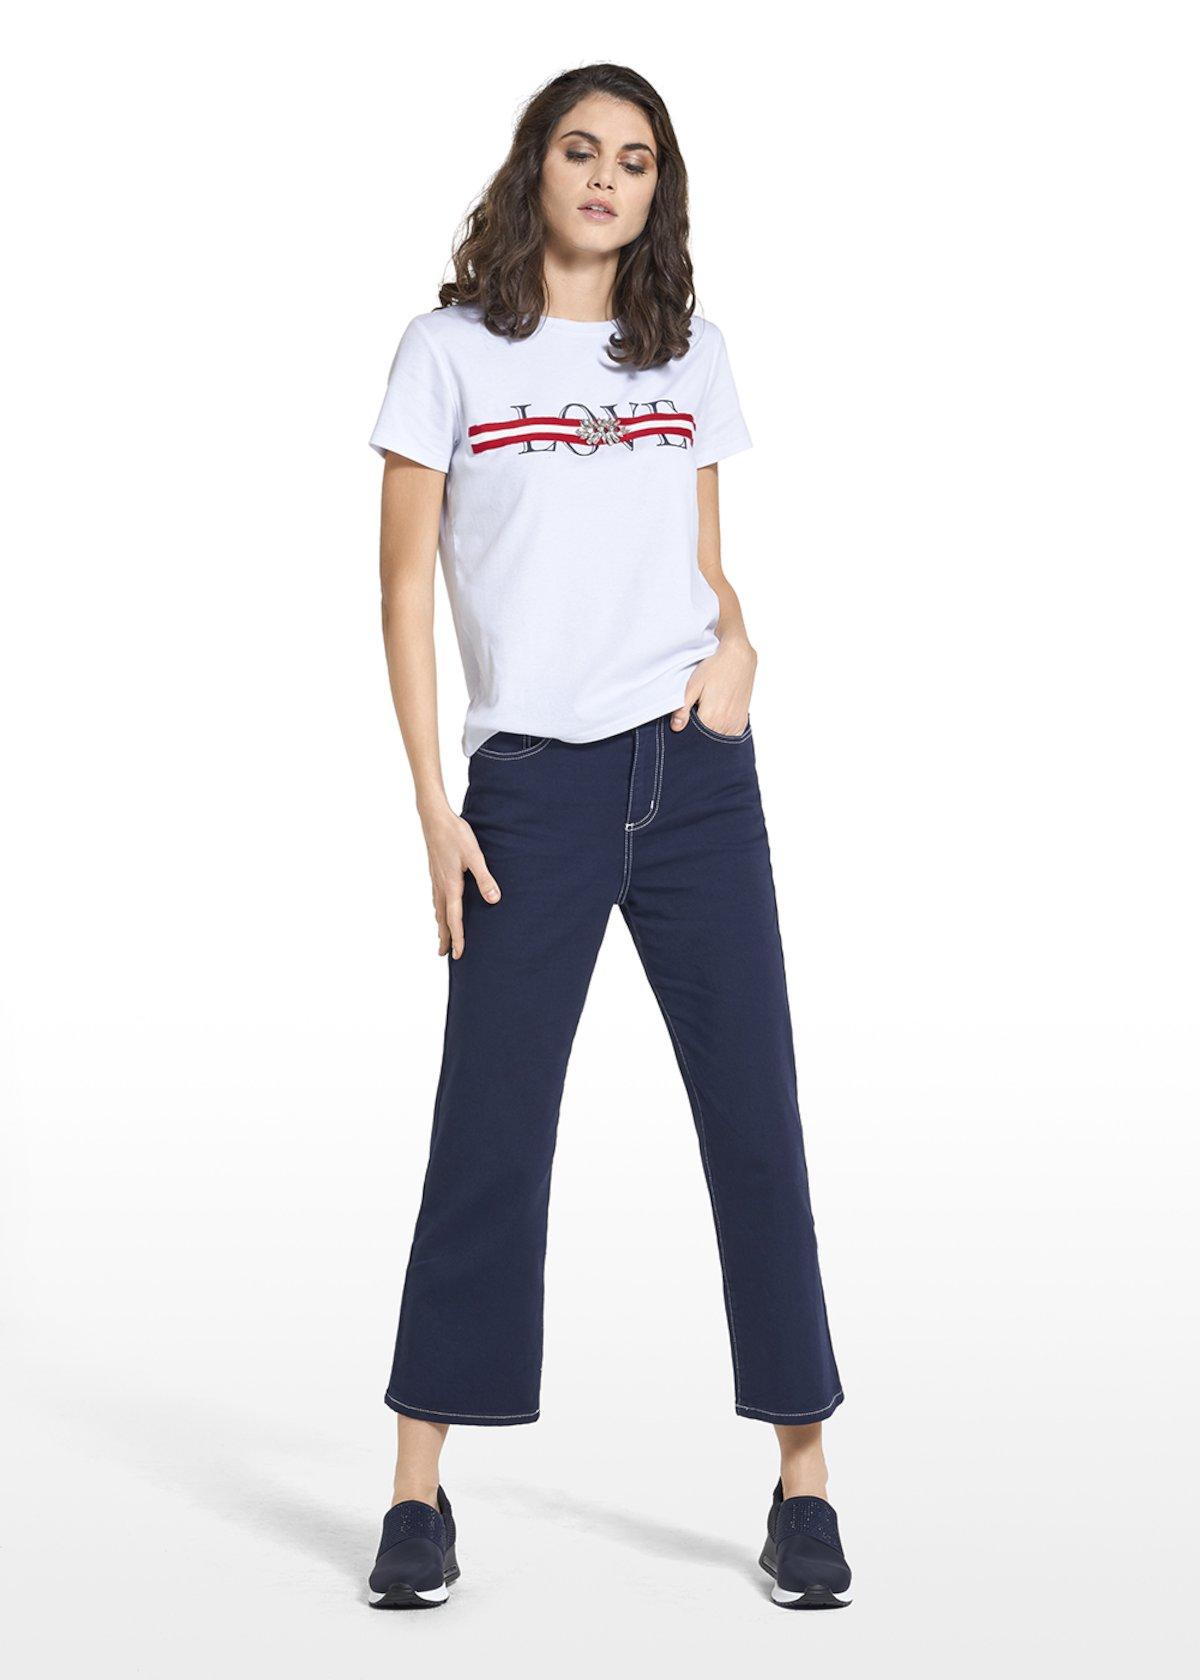 T-shirt Sandy in jersey con stampa e ricamo sul davanti - White / Tulipano Fantasia - Donna - Immagine categoria